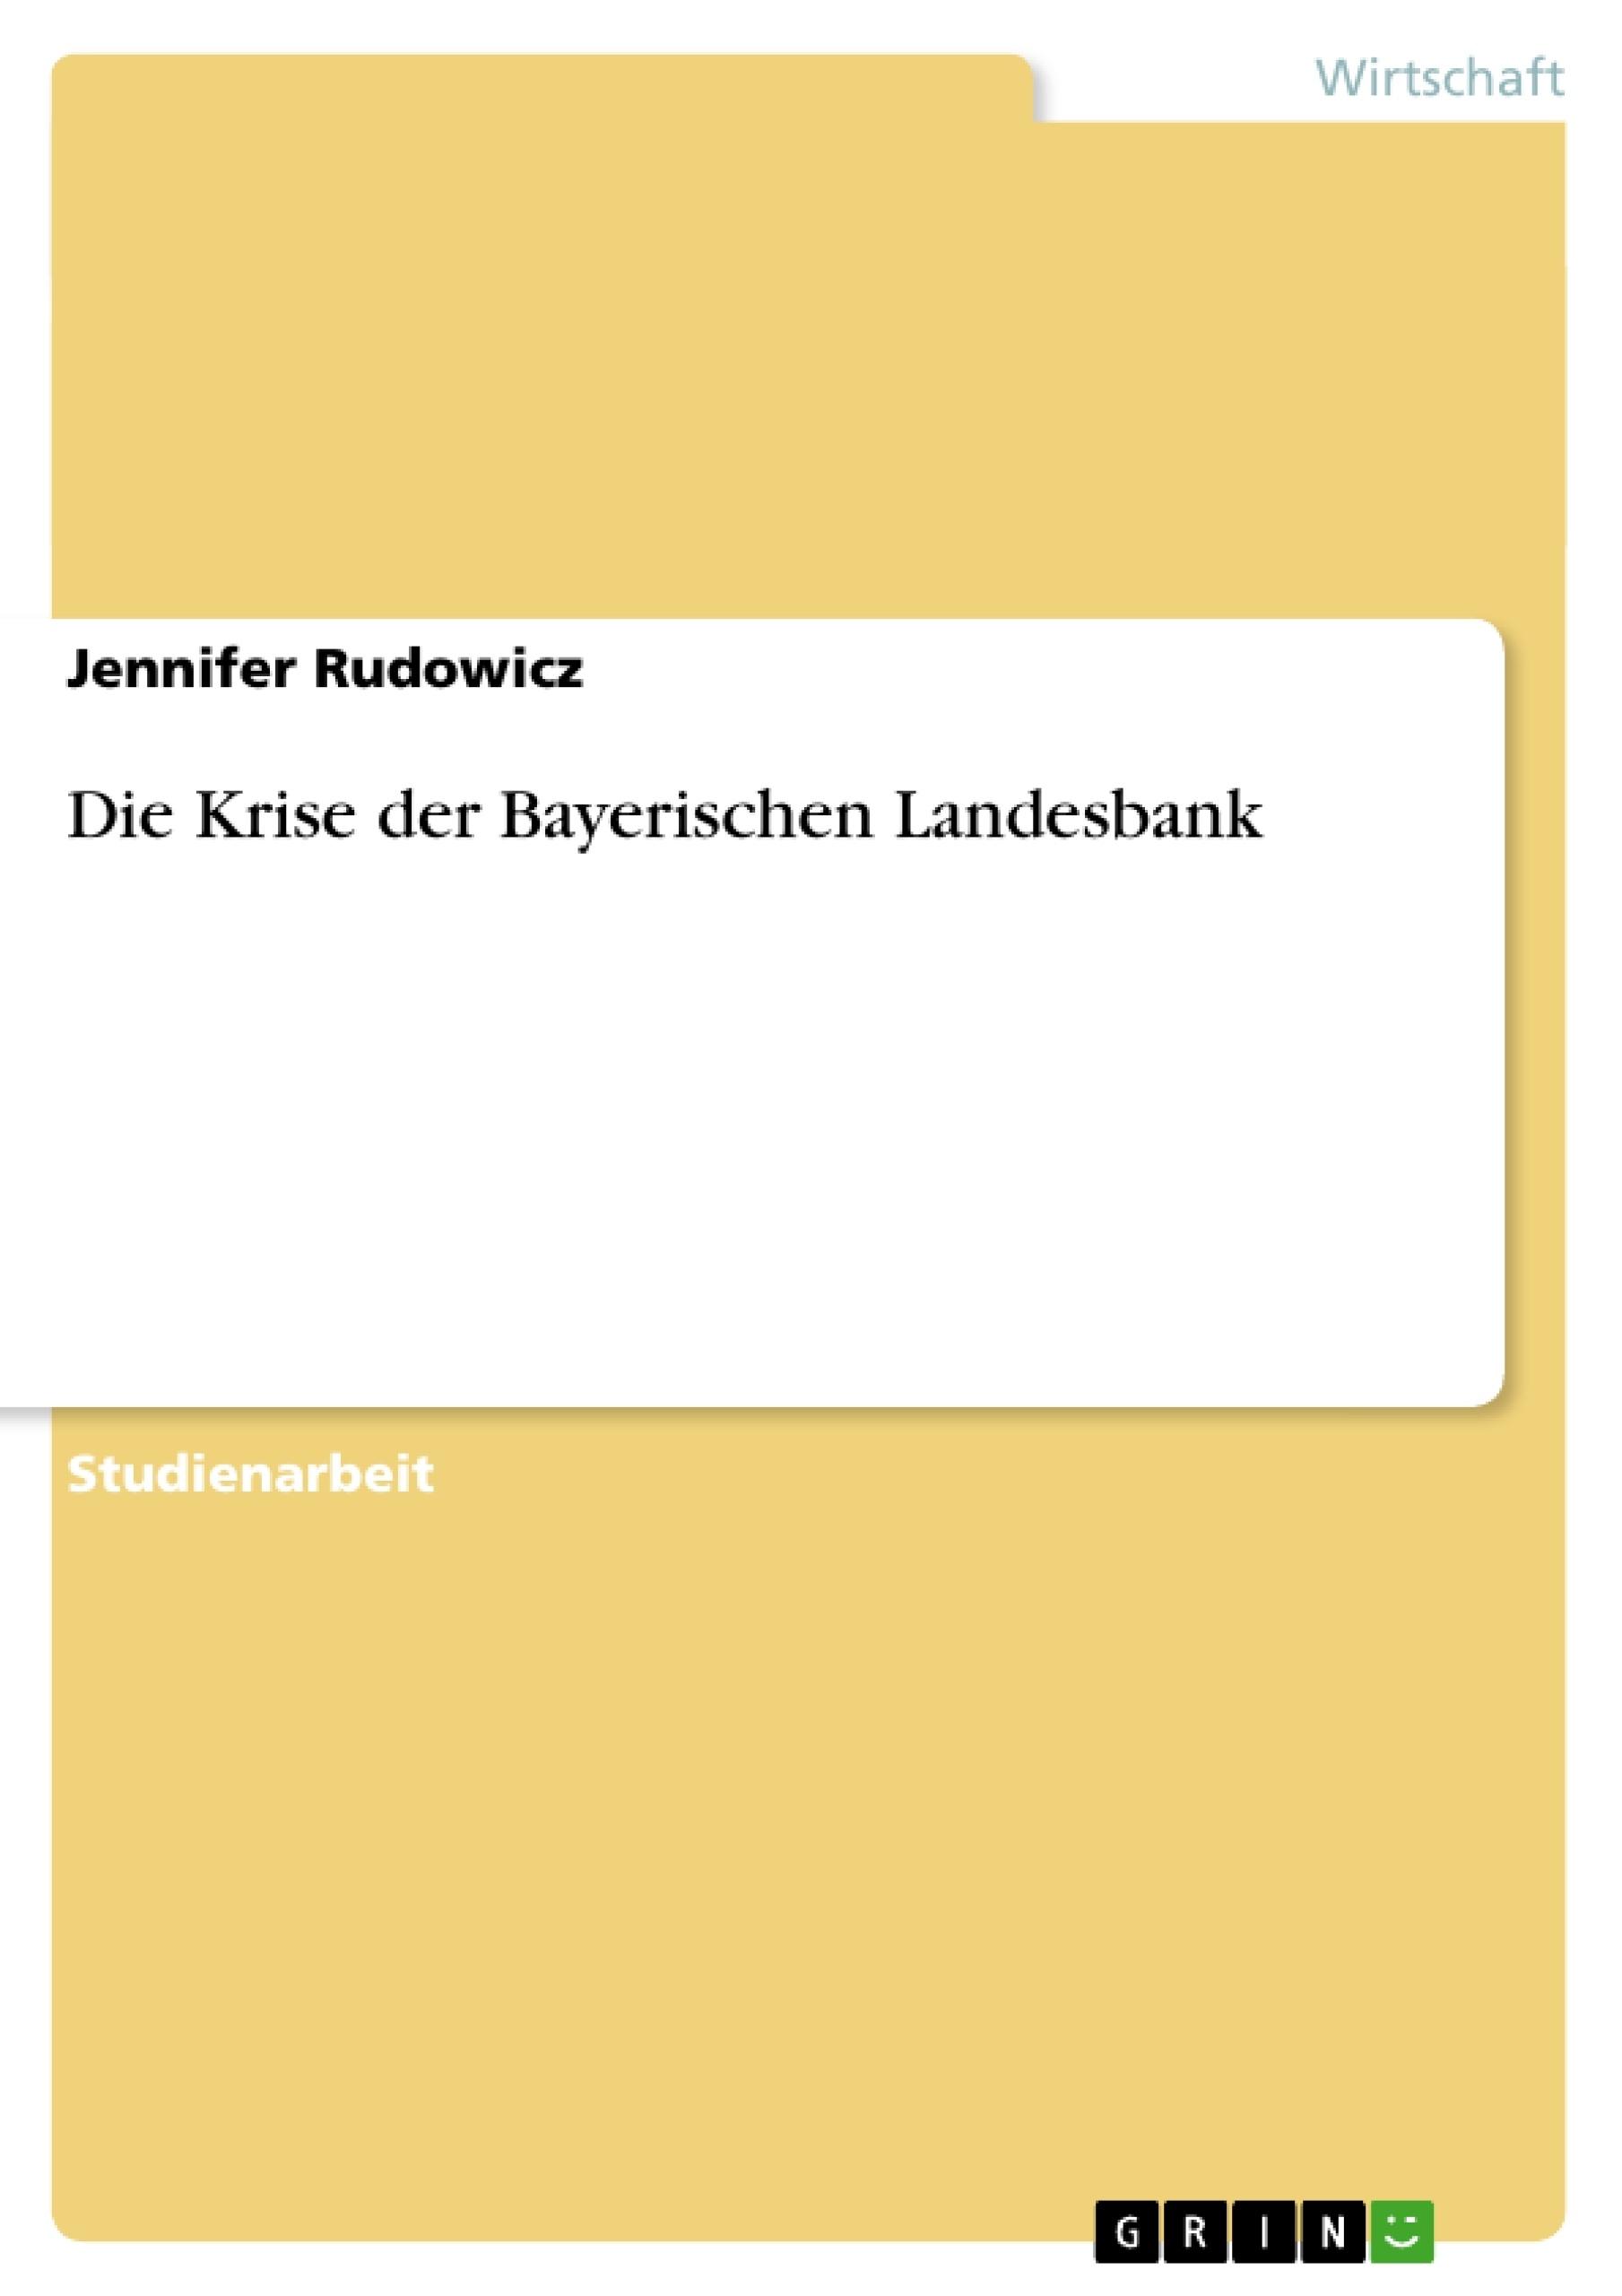 Titel: Die Krise der Bayerischen Landesbank